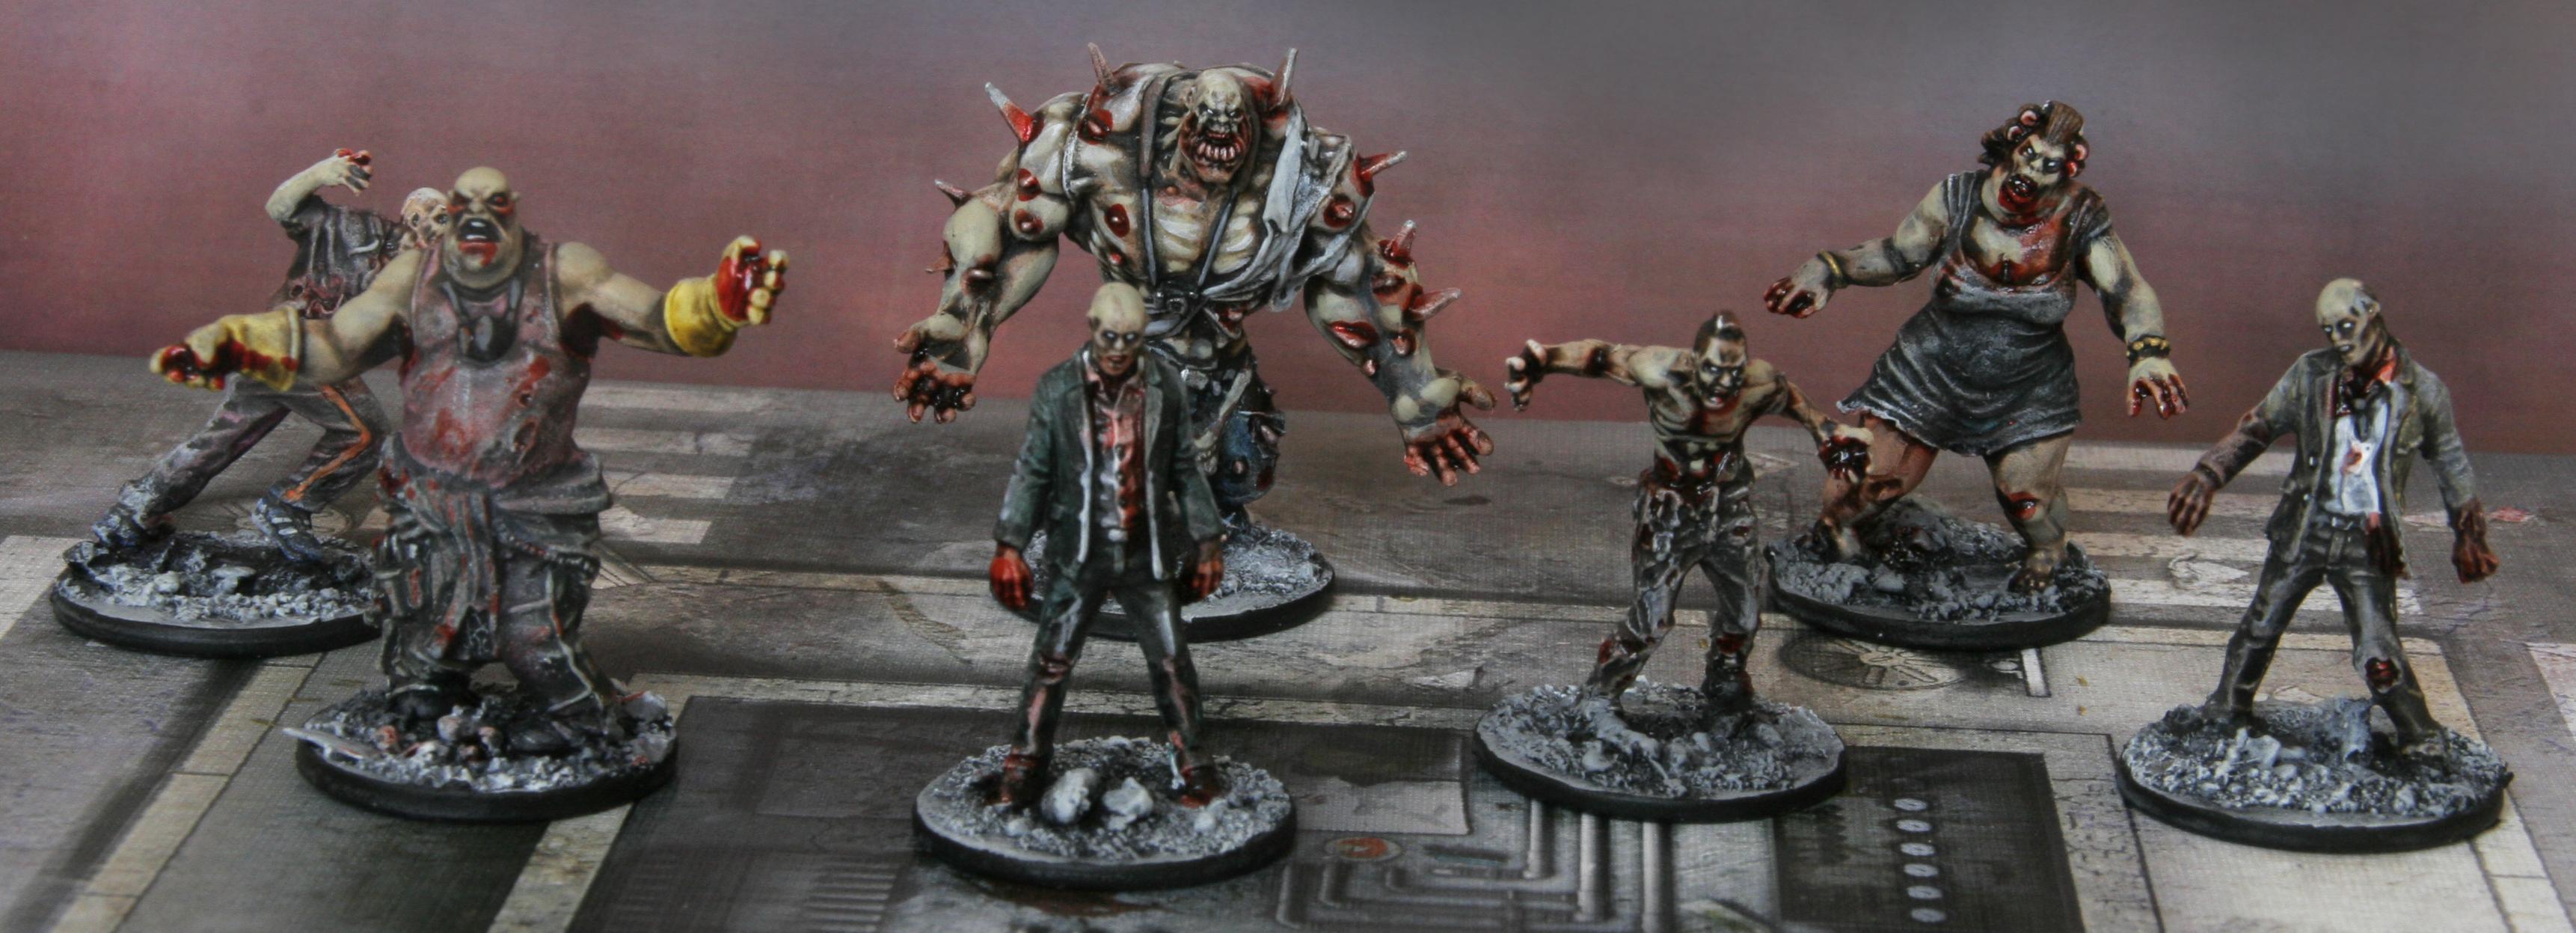 figurine zombicide